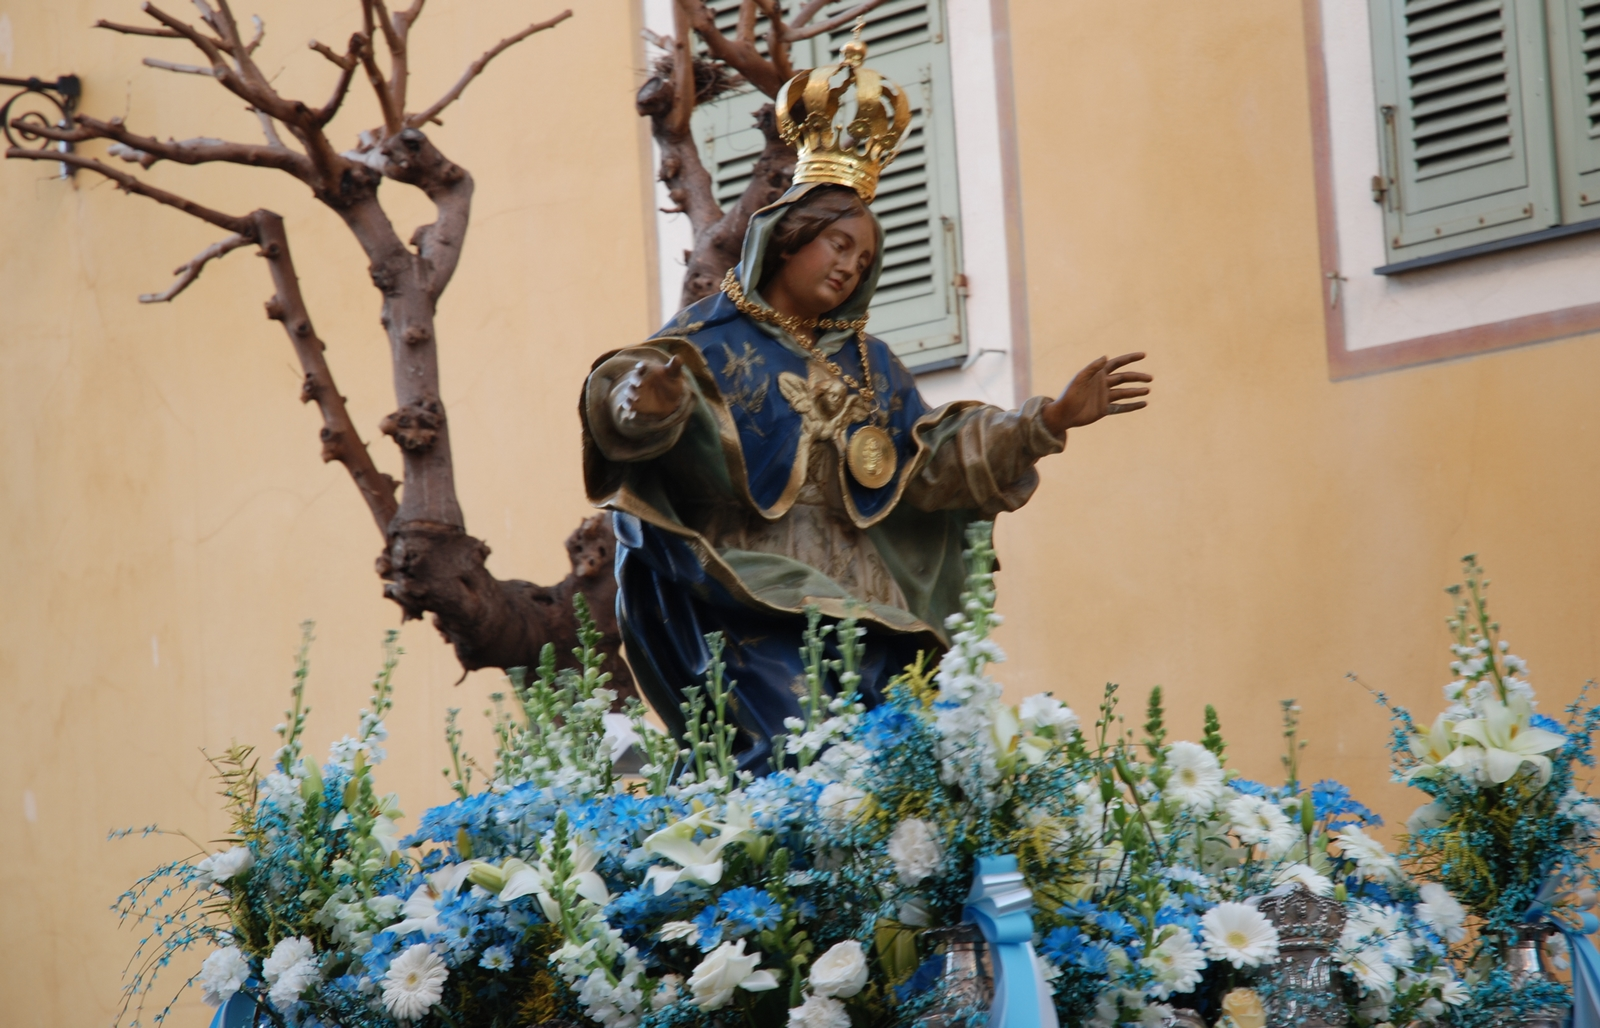 Nuestra Señora de la Misericordia de Ajaccio, la Devoción de Napoleón, Francia (18 mar)